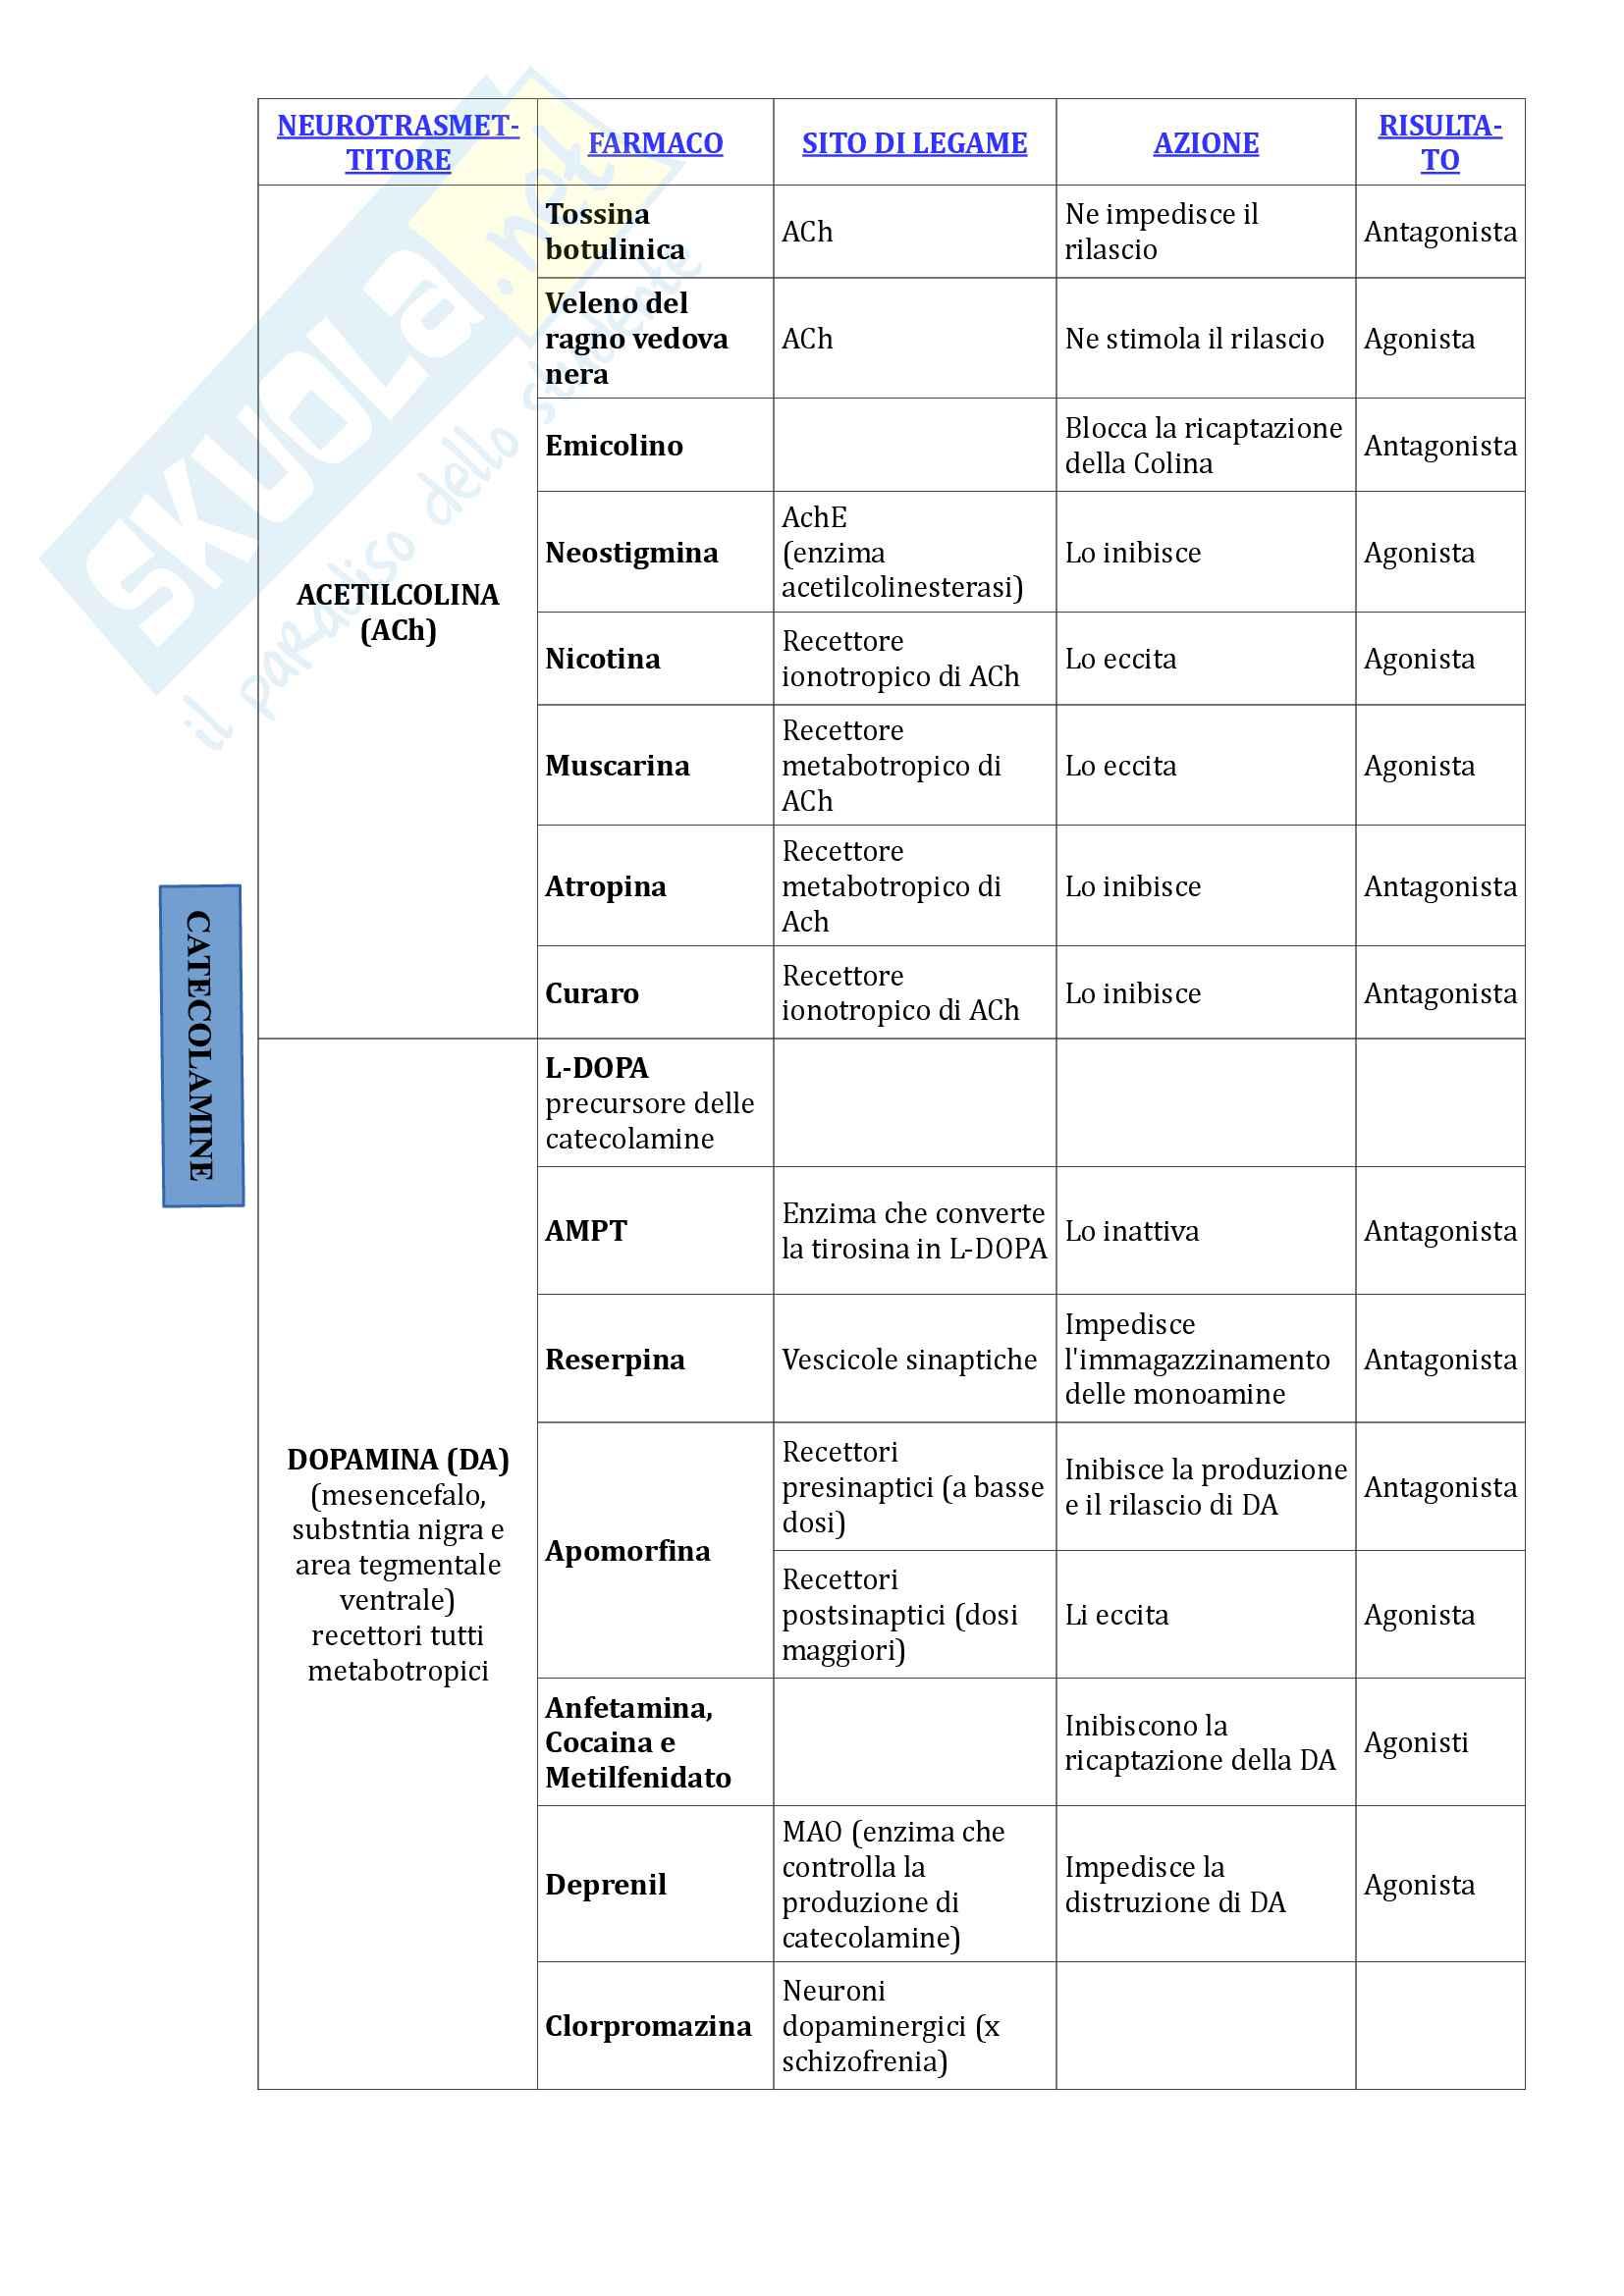 Neurotrasmettitori e farmaci